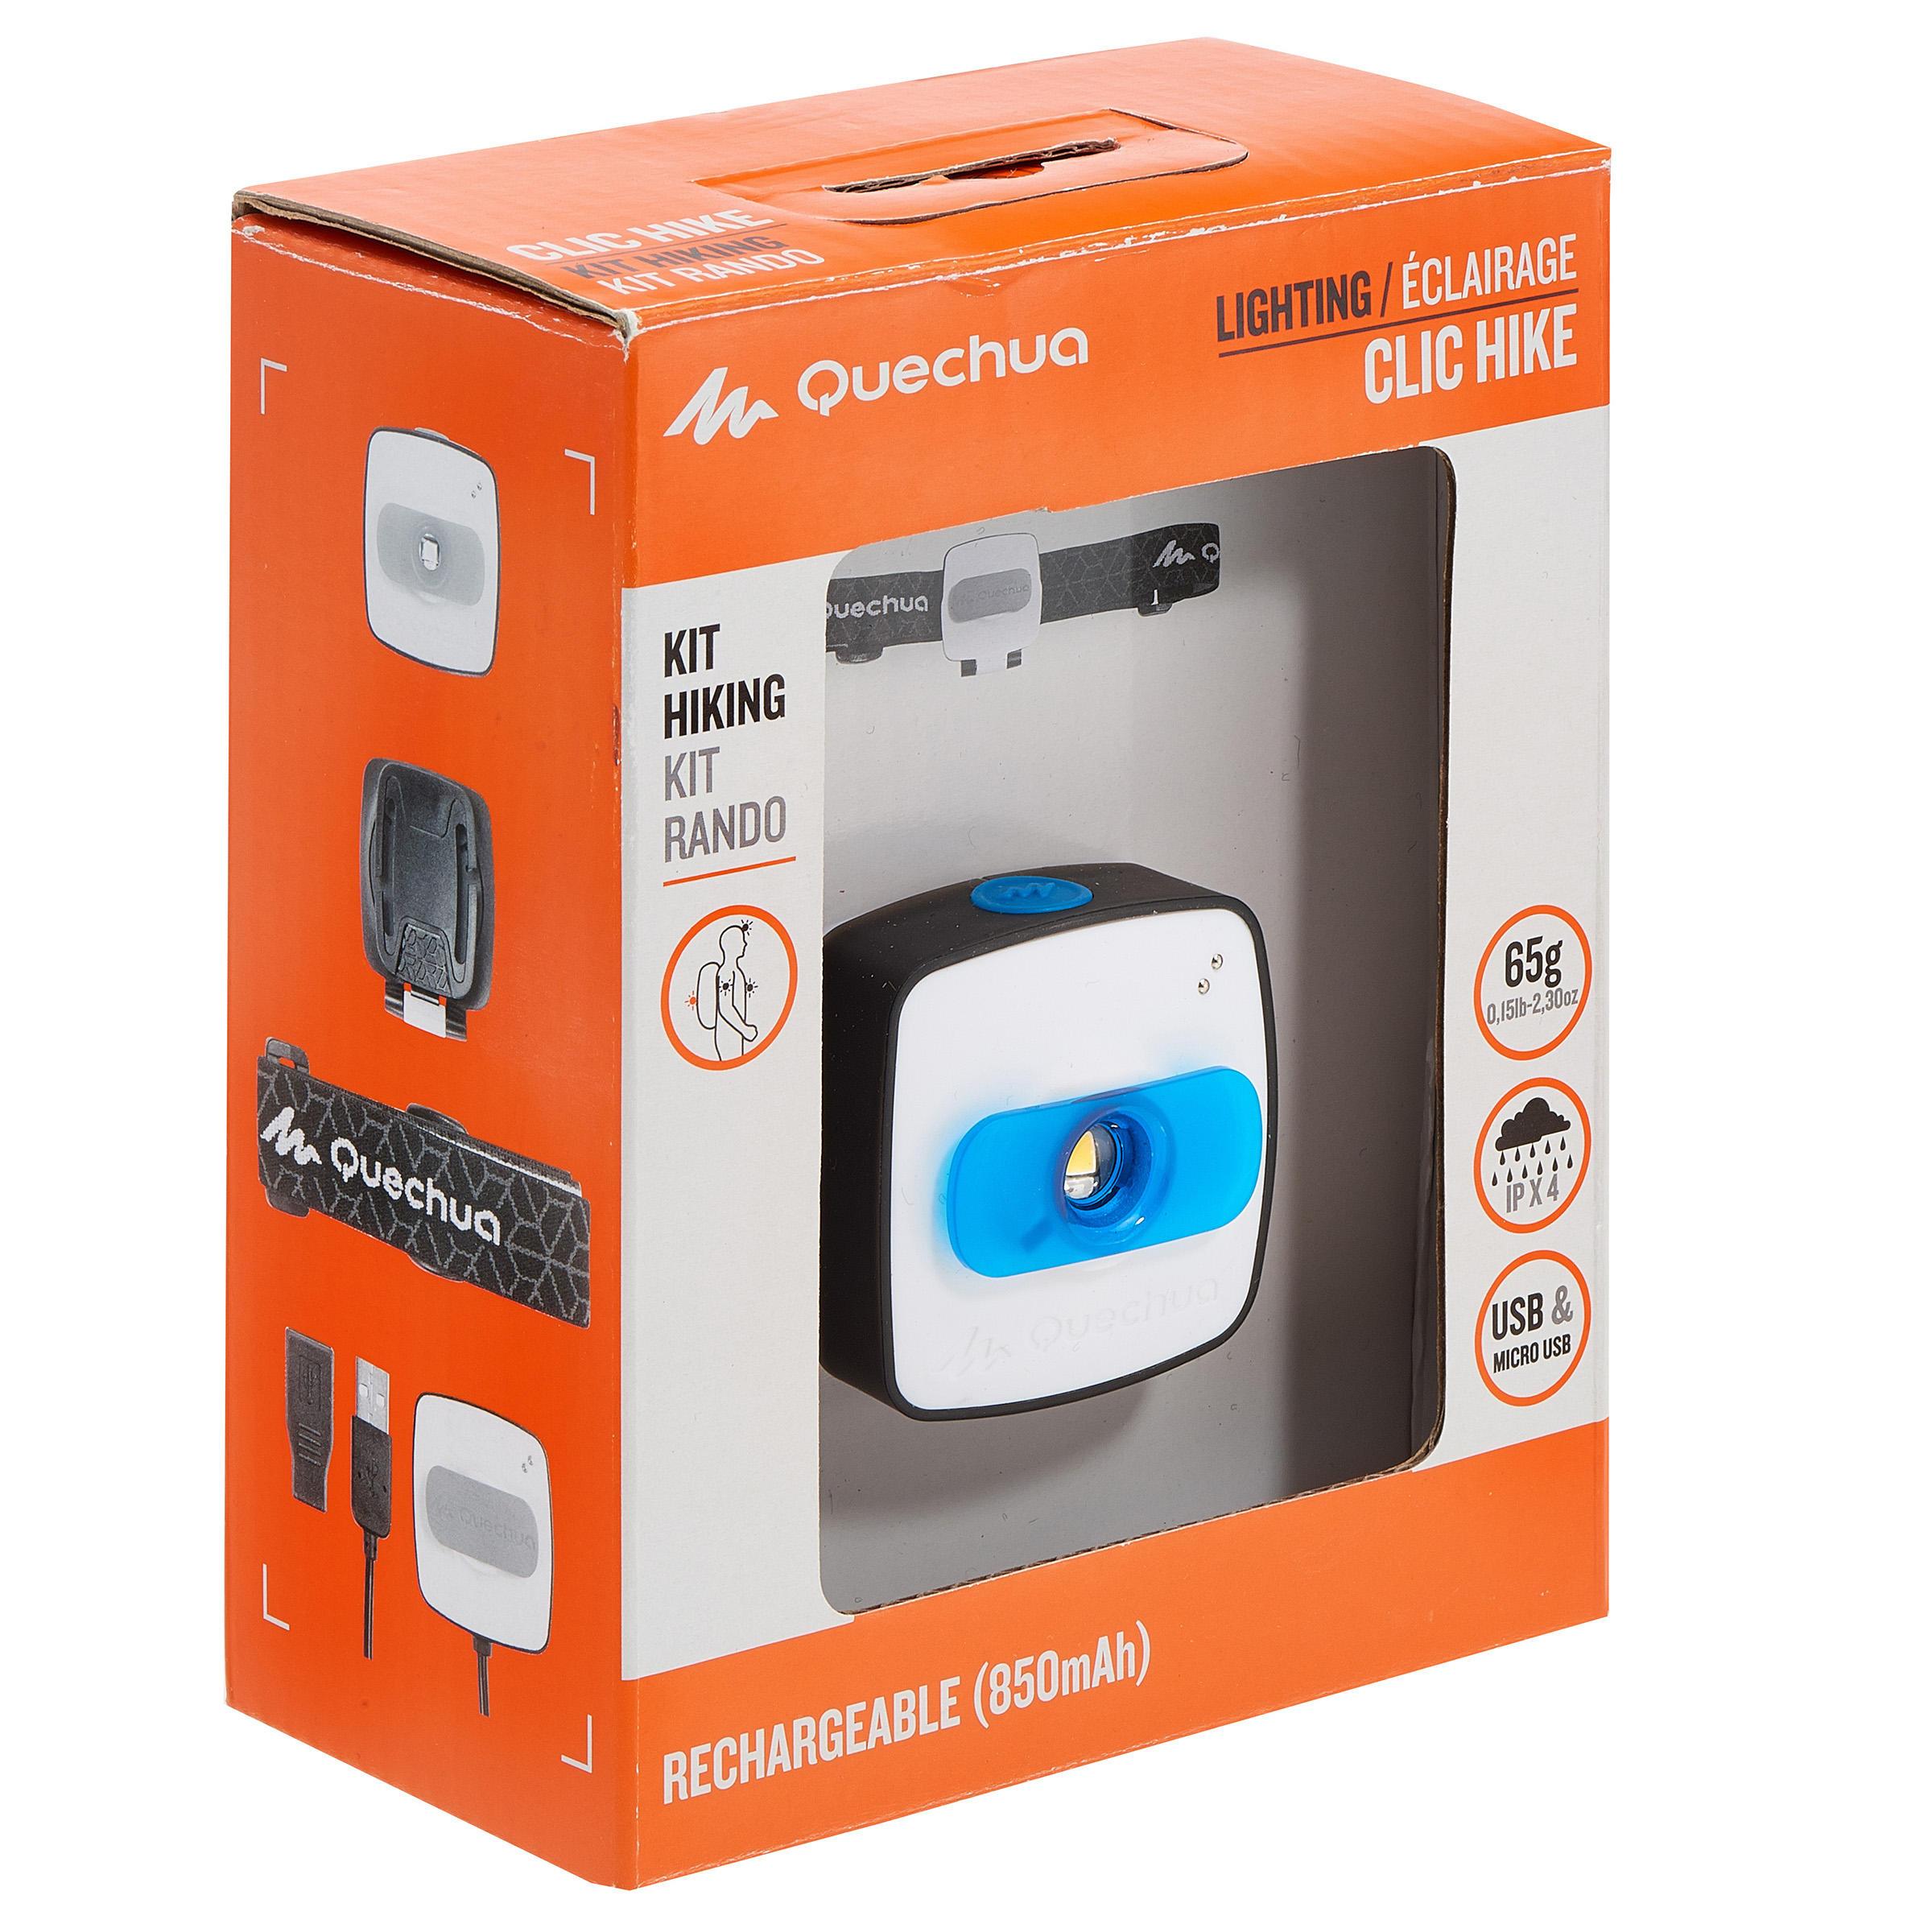 60 L CLIC LIGHTING KIT FOR HIKING - BLUE